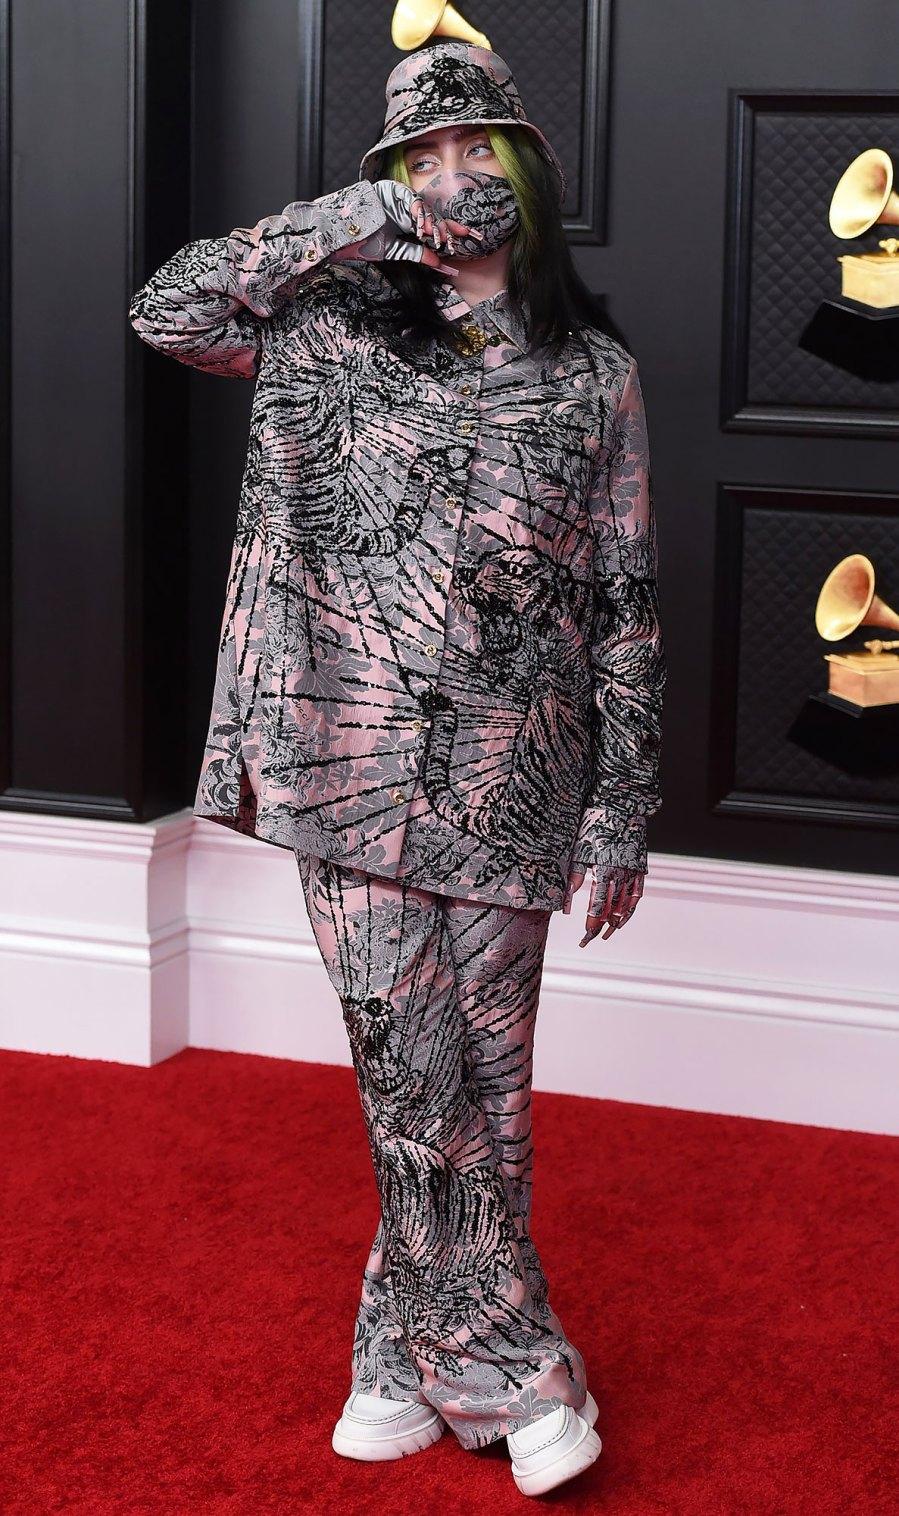 2021 Grammy Awards Red Carpet Arrivals - Billie Eilish